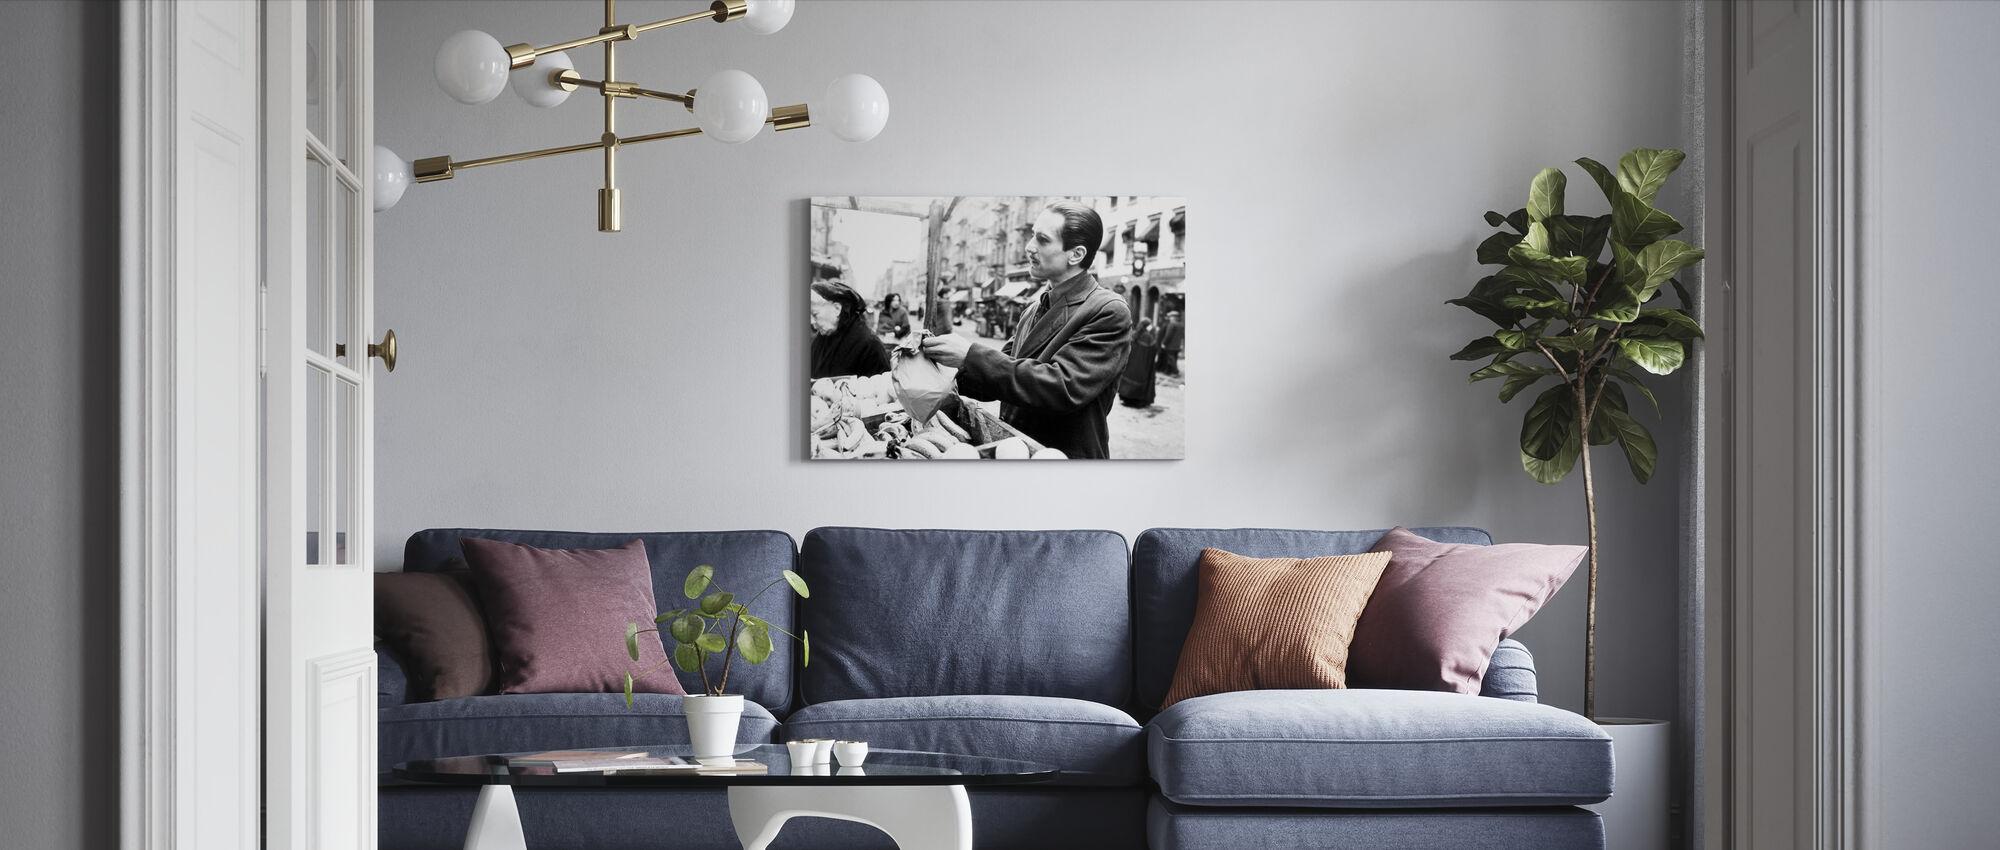 Ojciec Chrzestny - Rynek - Obraz na płótnie - Pokój dzienny